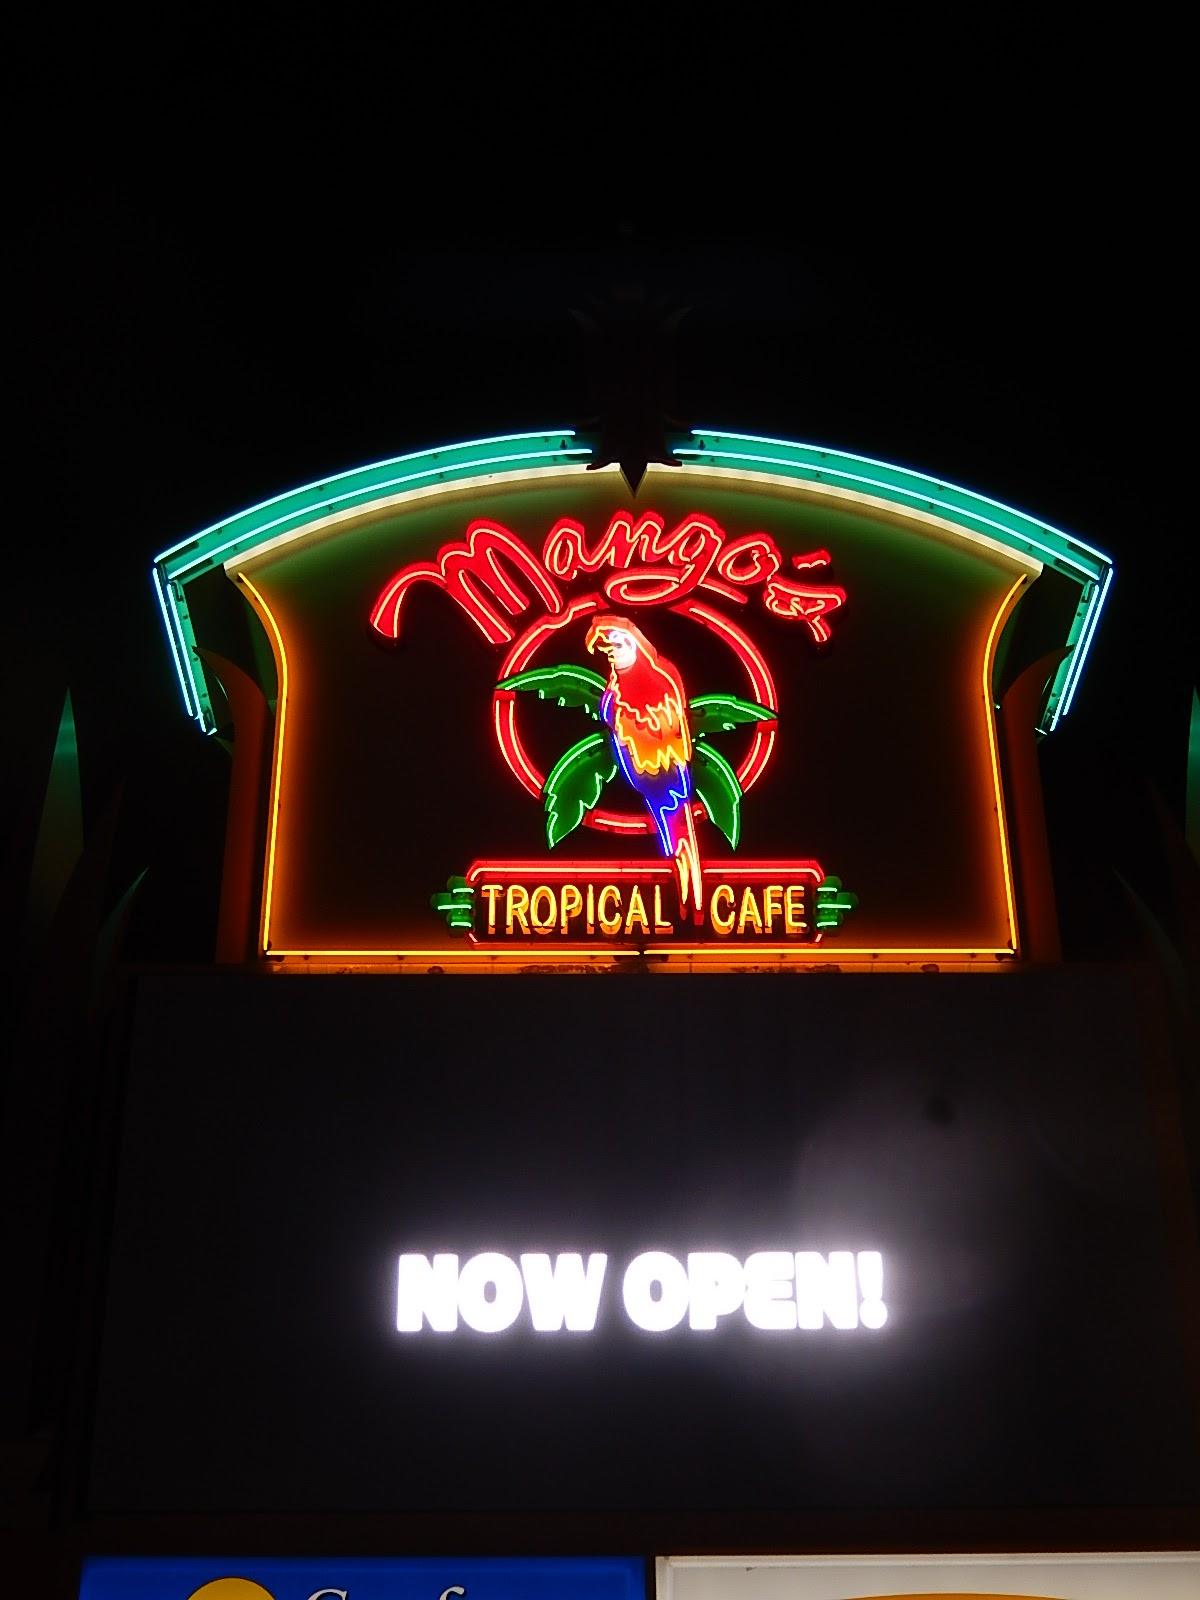 club report mangos tropical cafe - Tropical Cafe 2015